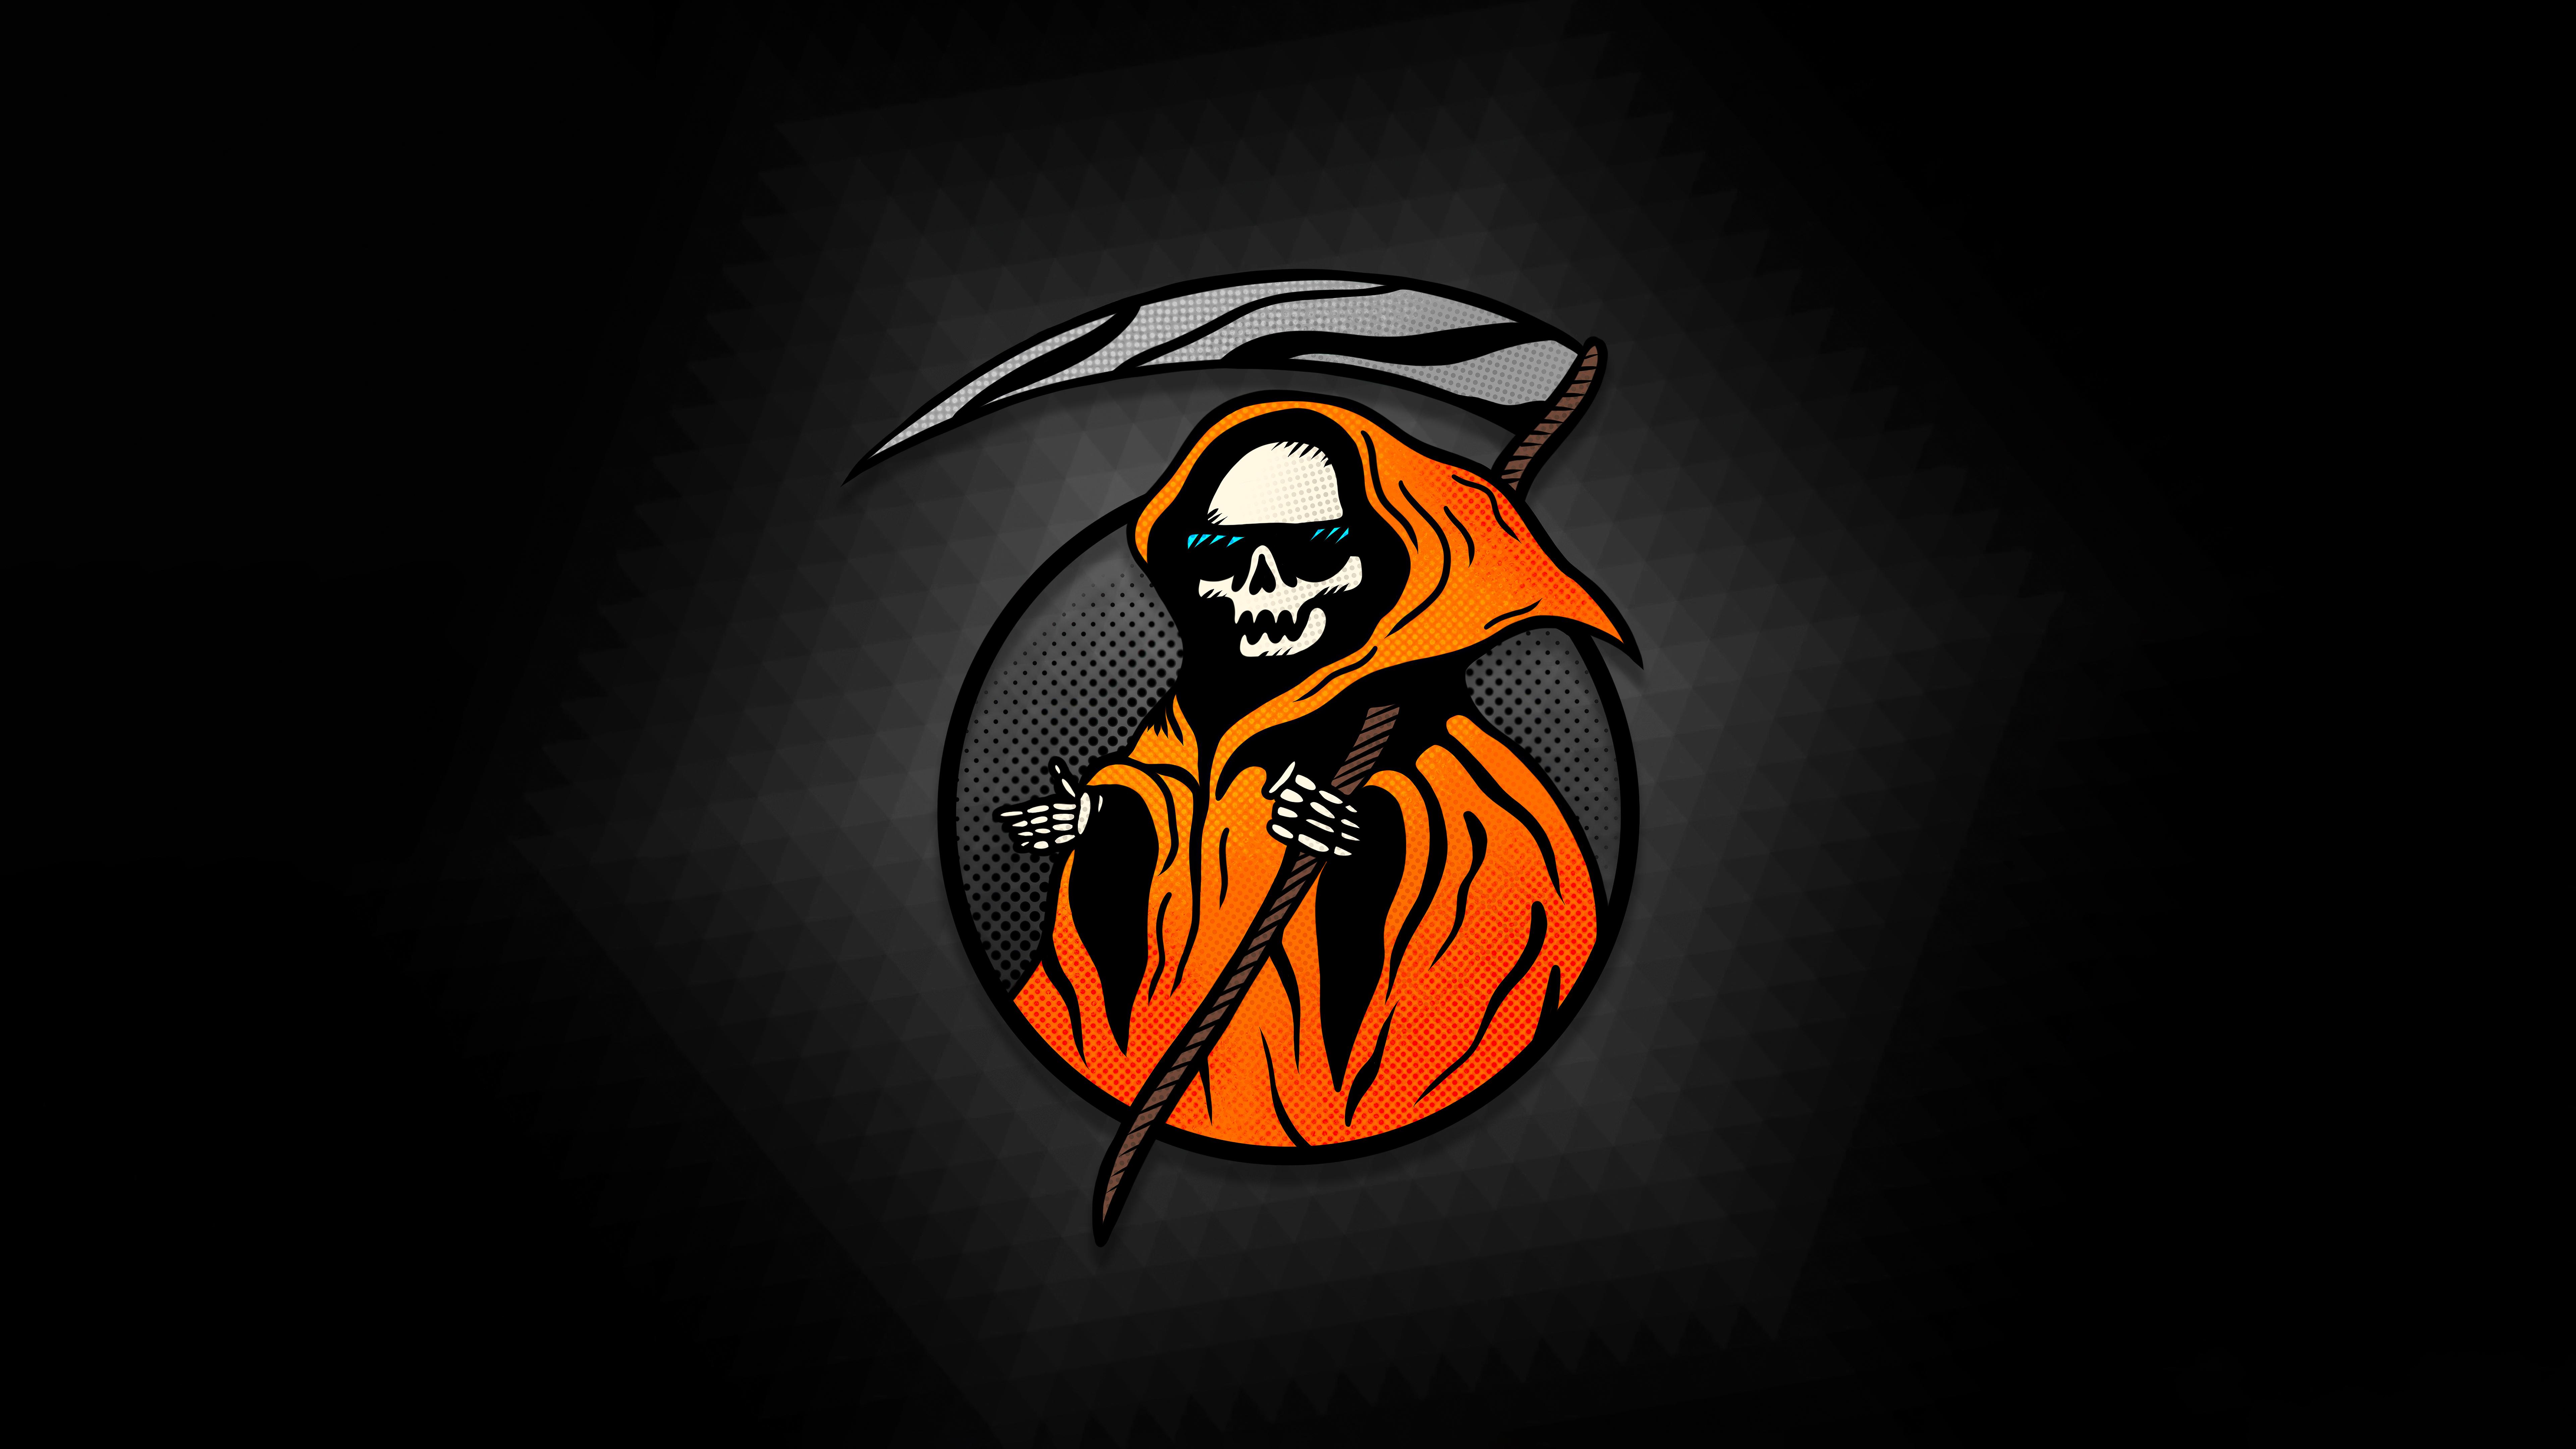 cool grim reaper minimal 4k 1618133576 - Cool Grim Reaper Minimal 4k - Cool Grim Reaper Minimal 4k wallpapers